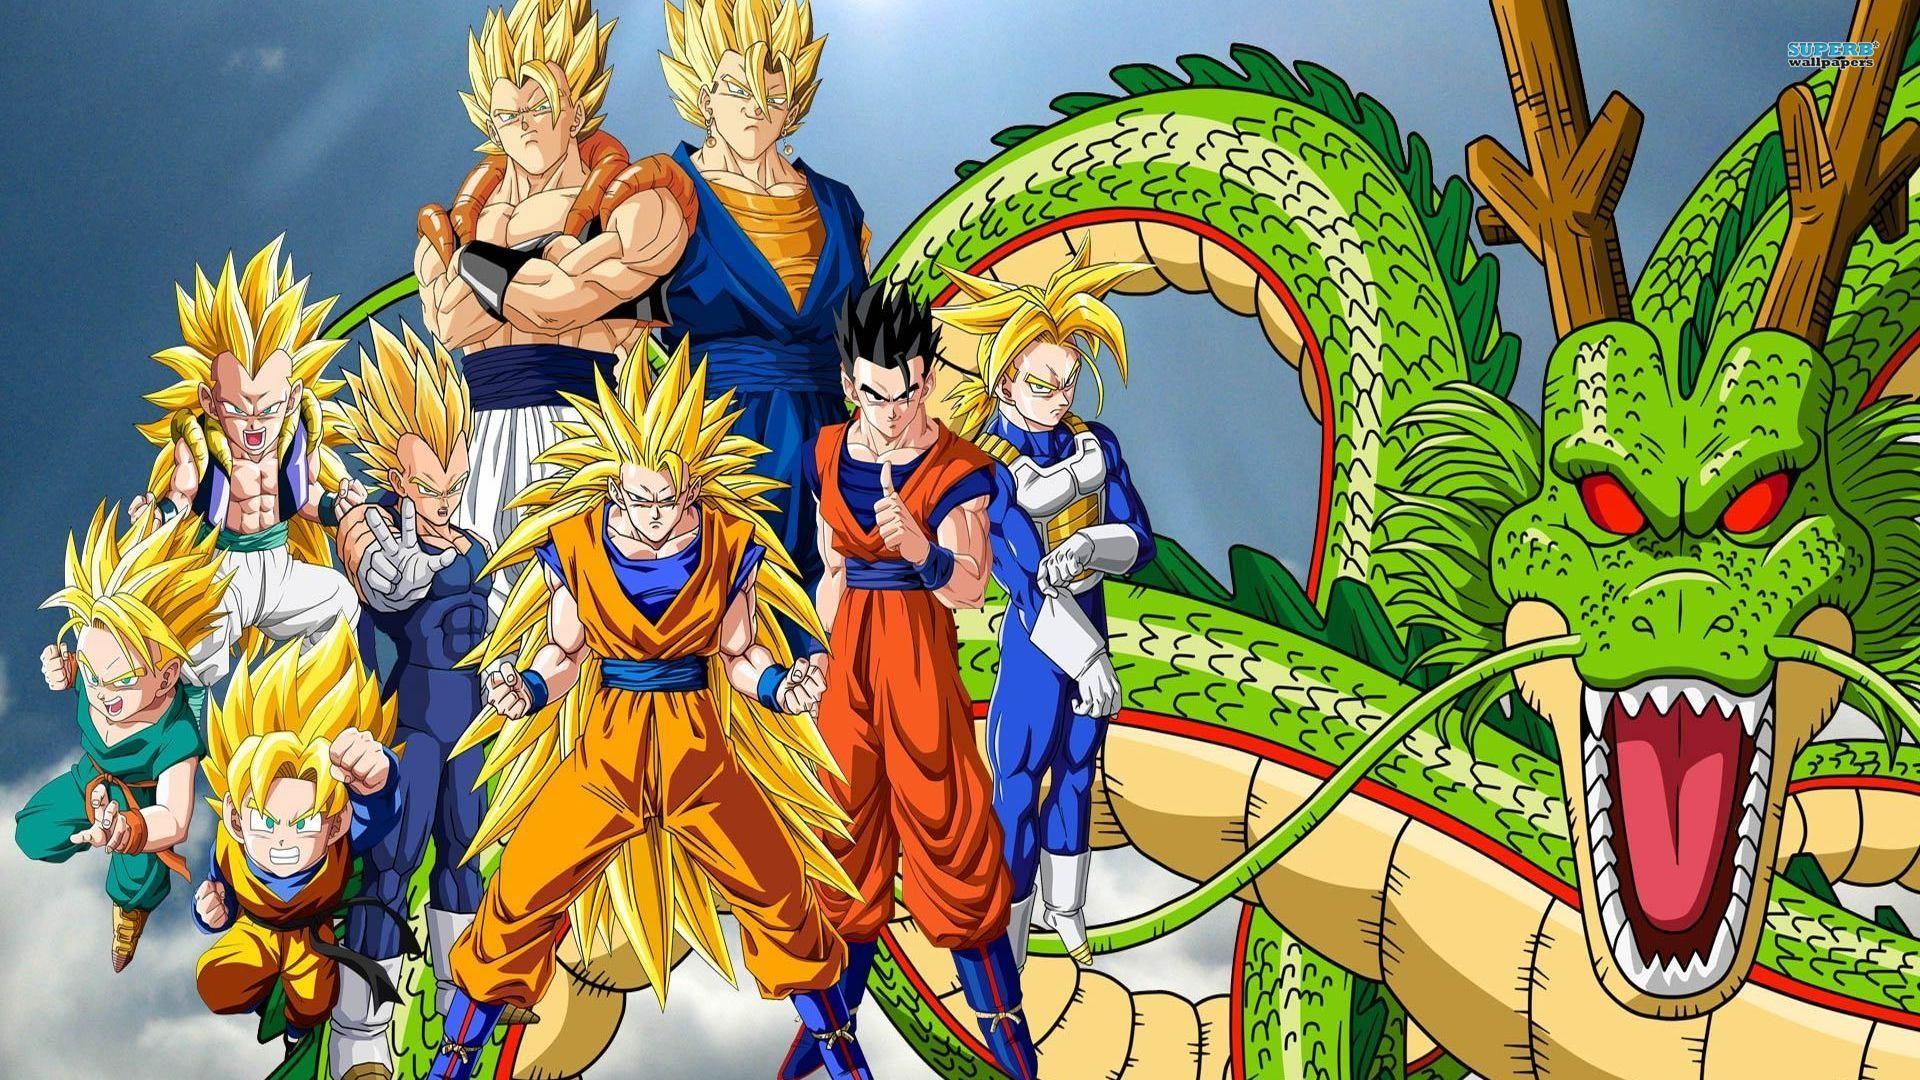 Dragon Ball z Wallpaper hd Dragon Ball z Wallpaper hd